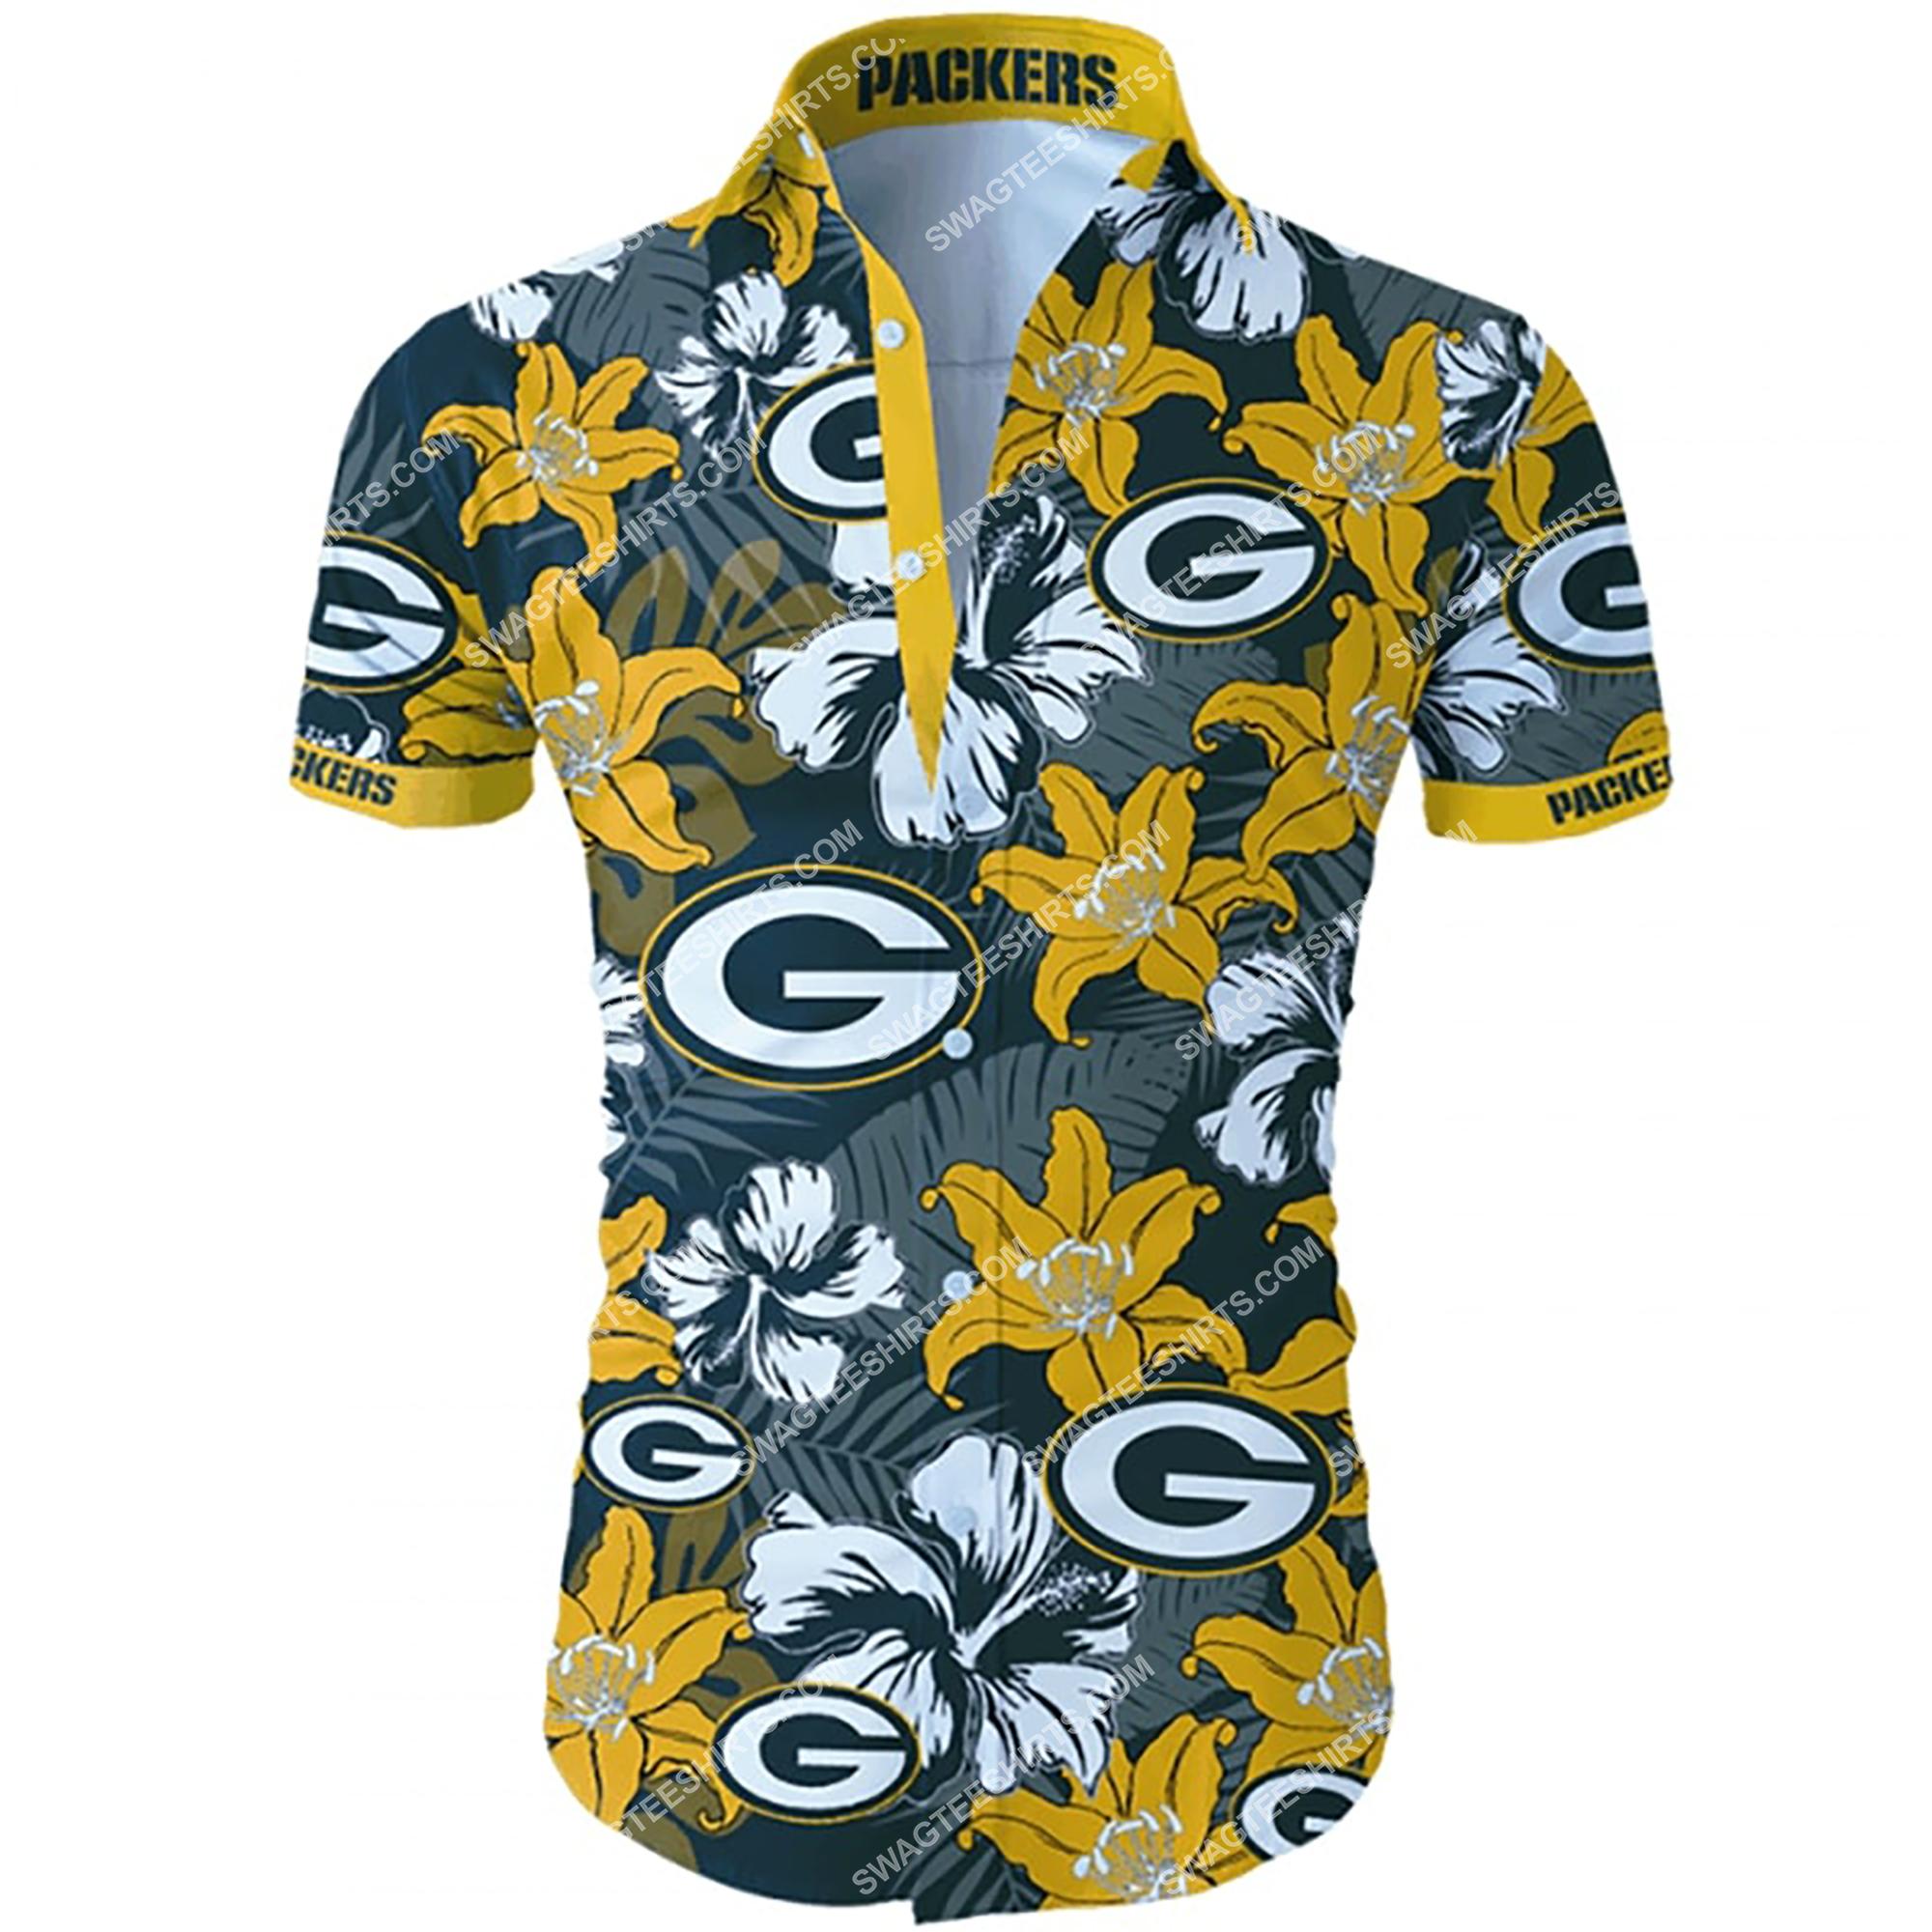 tropical flower green bay packers team summer hawaiian shirt 2 - Copy (2)